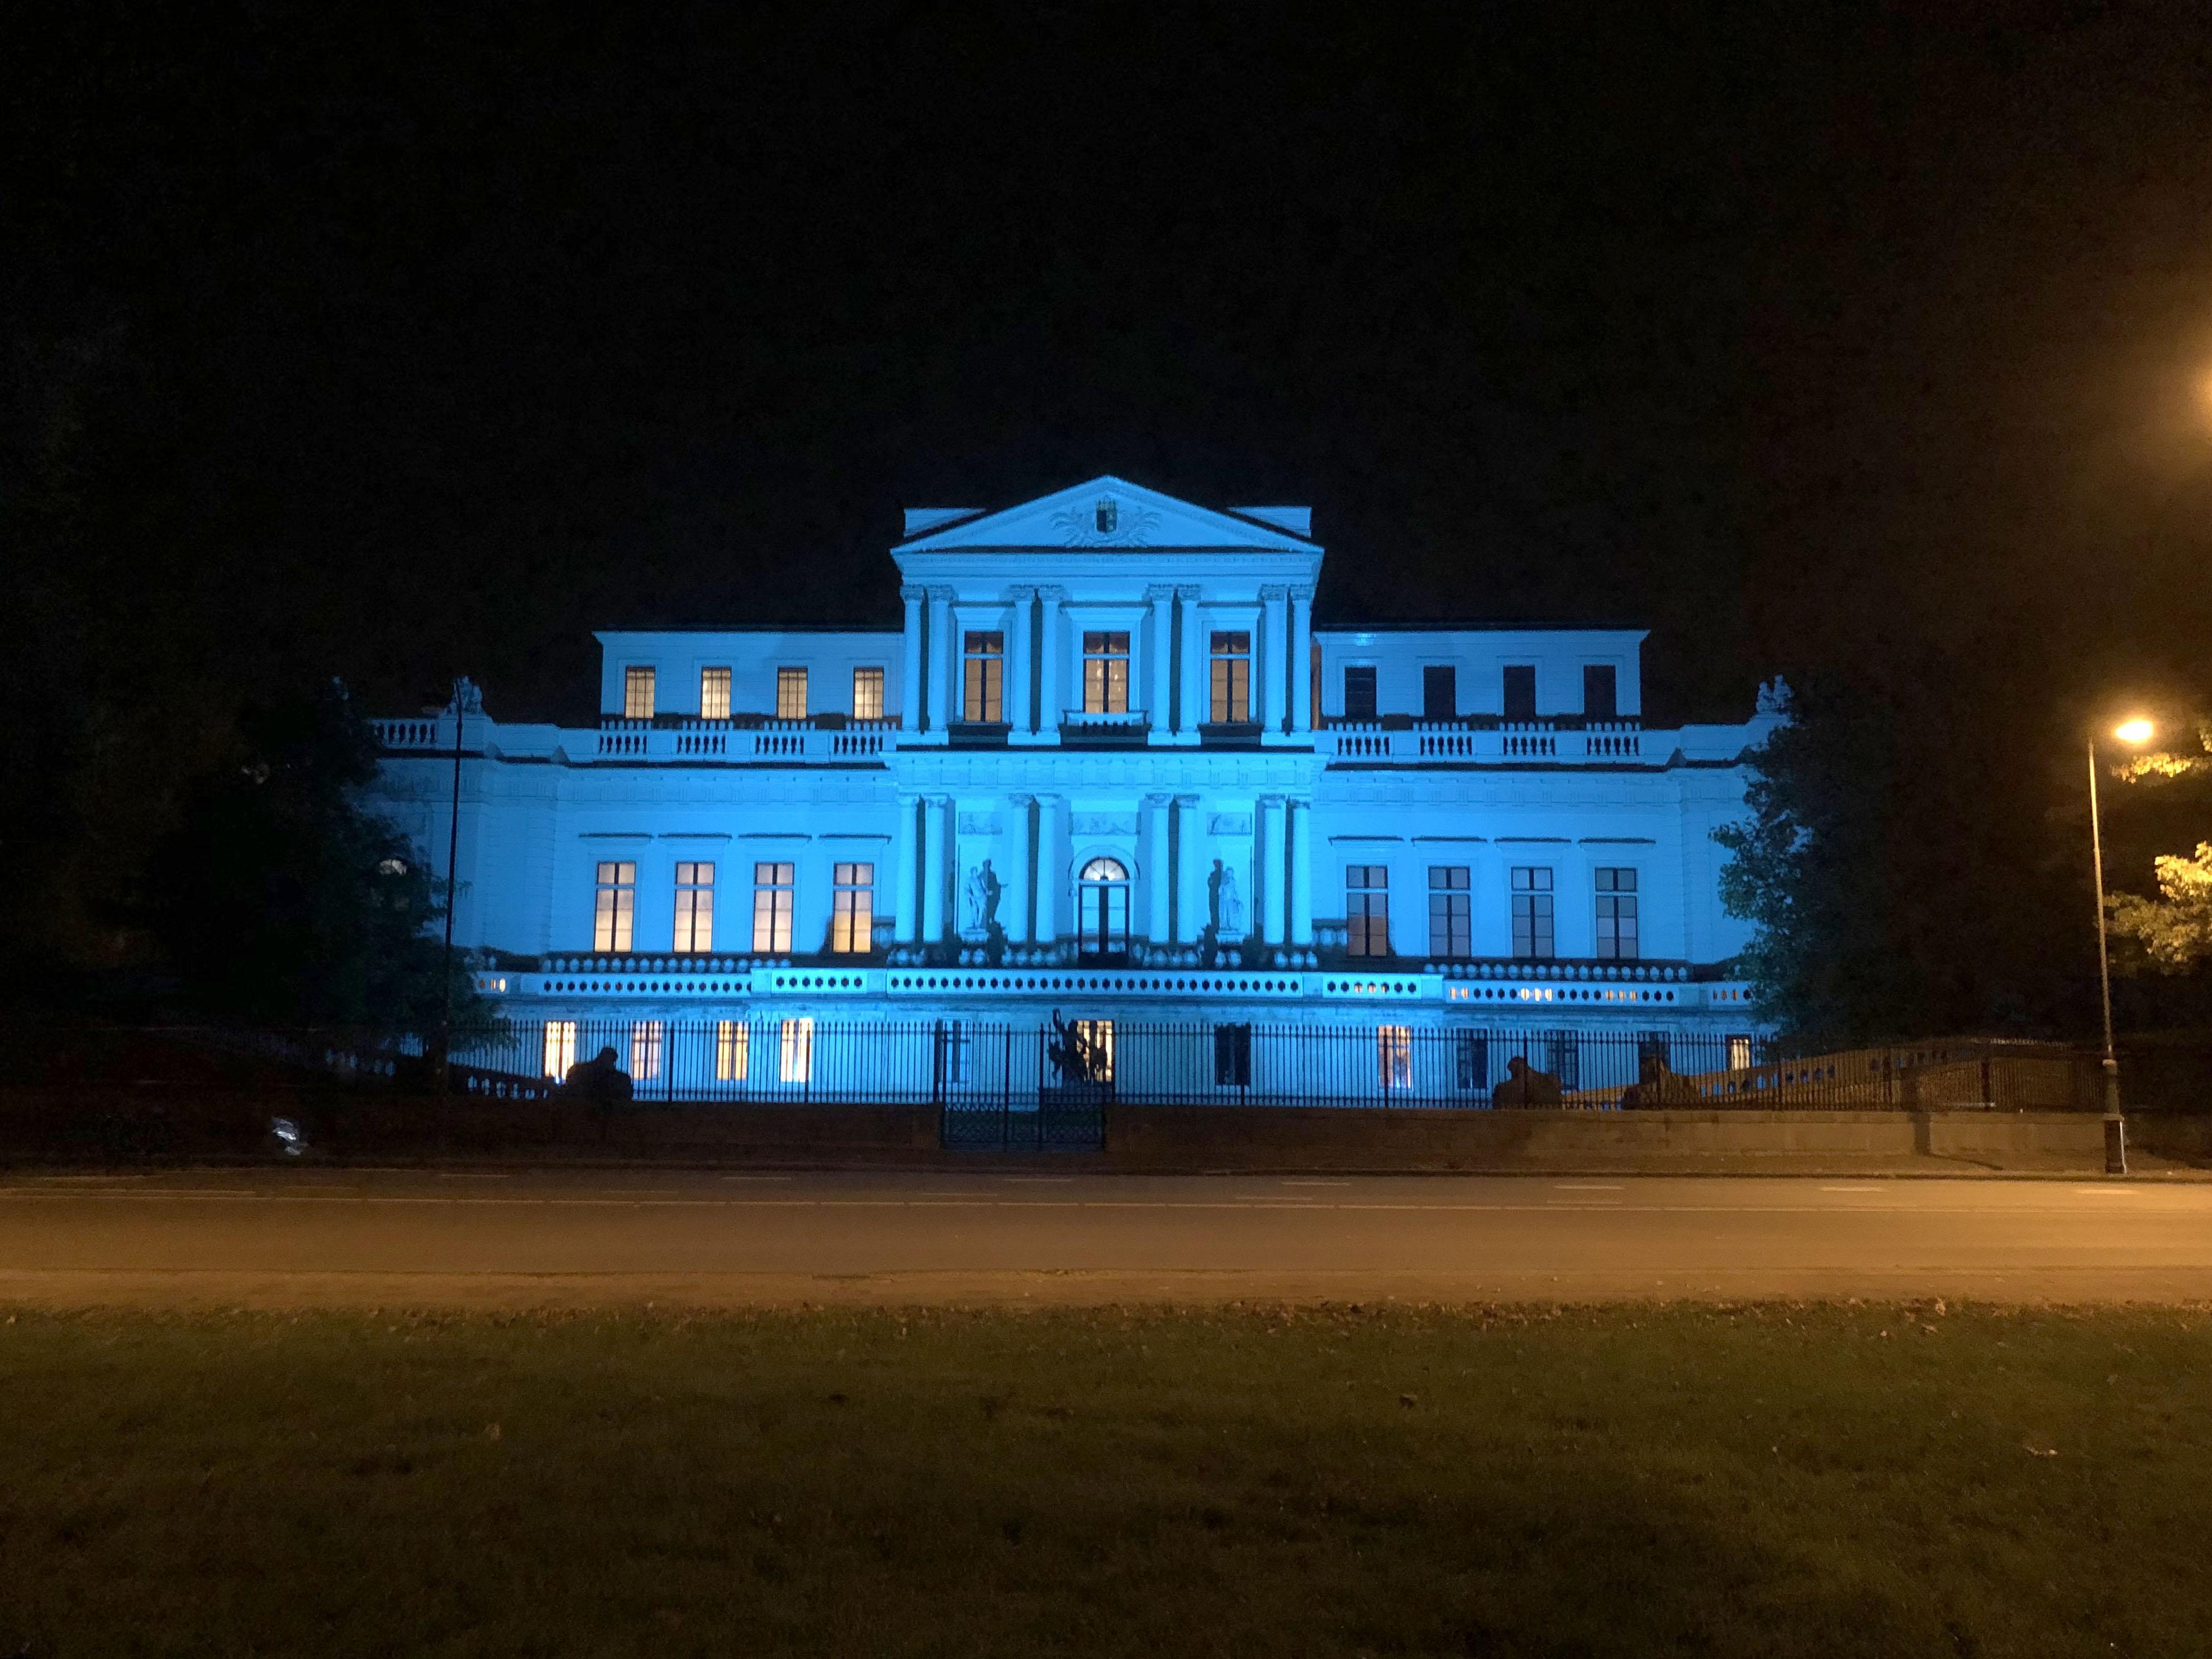 Blauwe gebouwen vragen aandacht voor 75-jarig jubileum Verenigde Naties